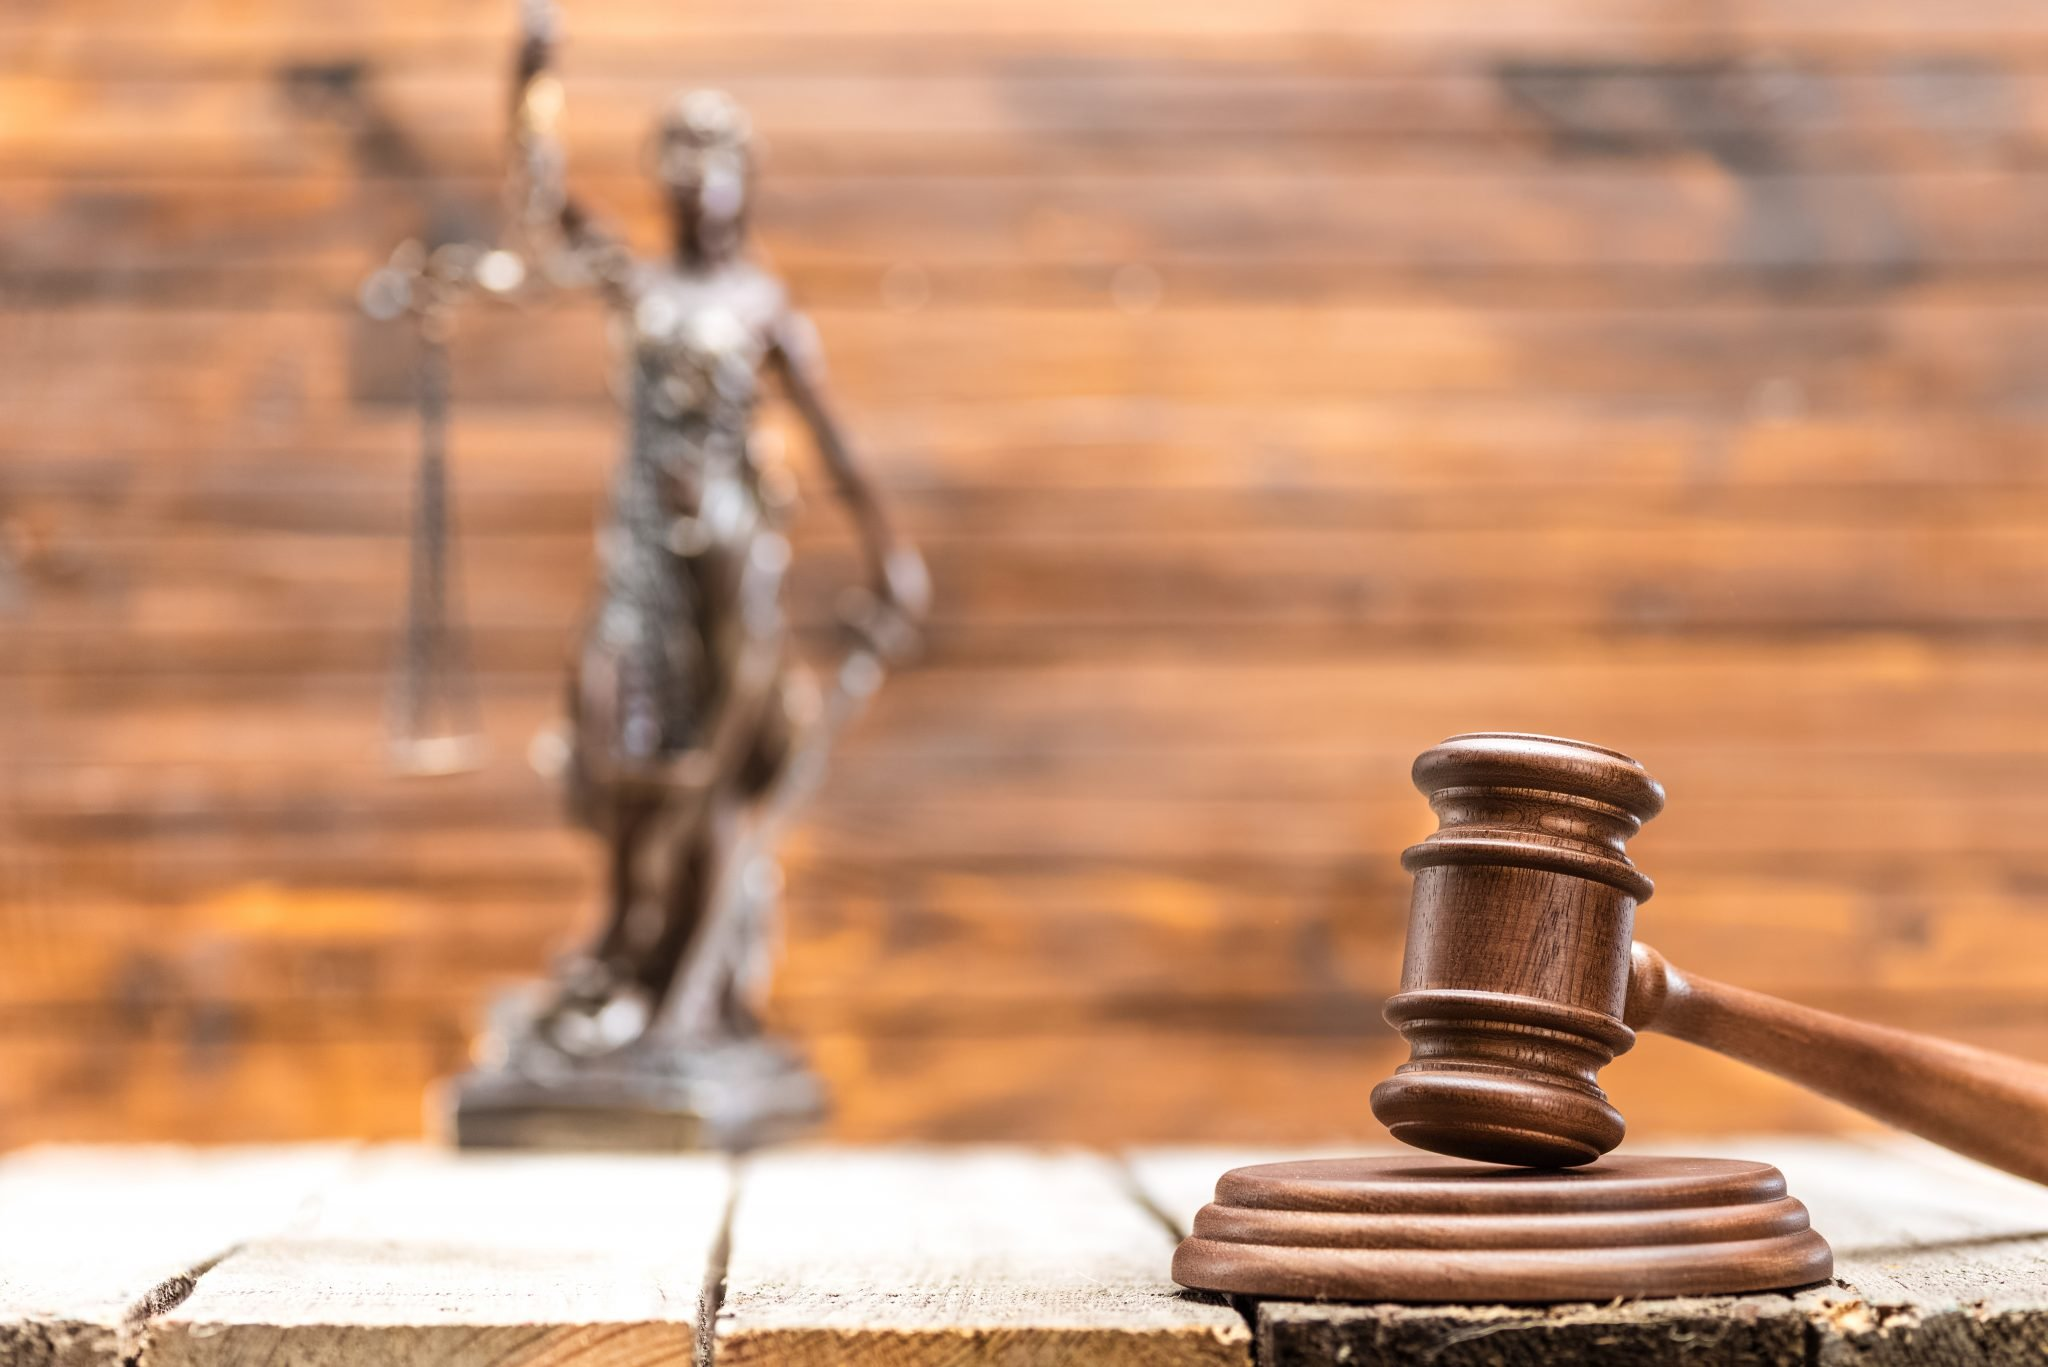 Wooden mallet of judge